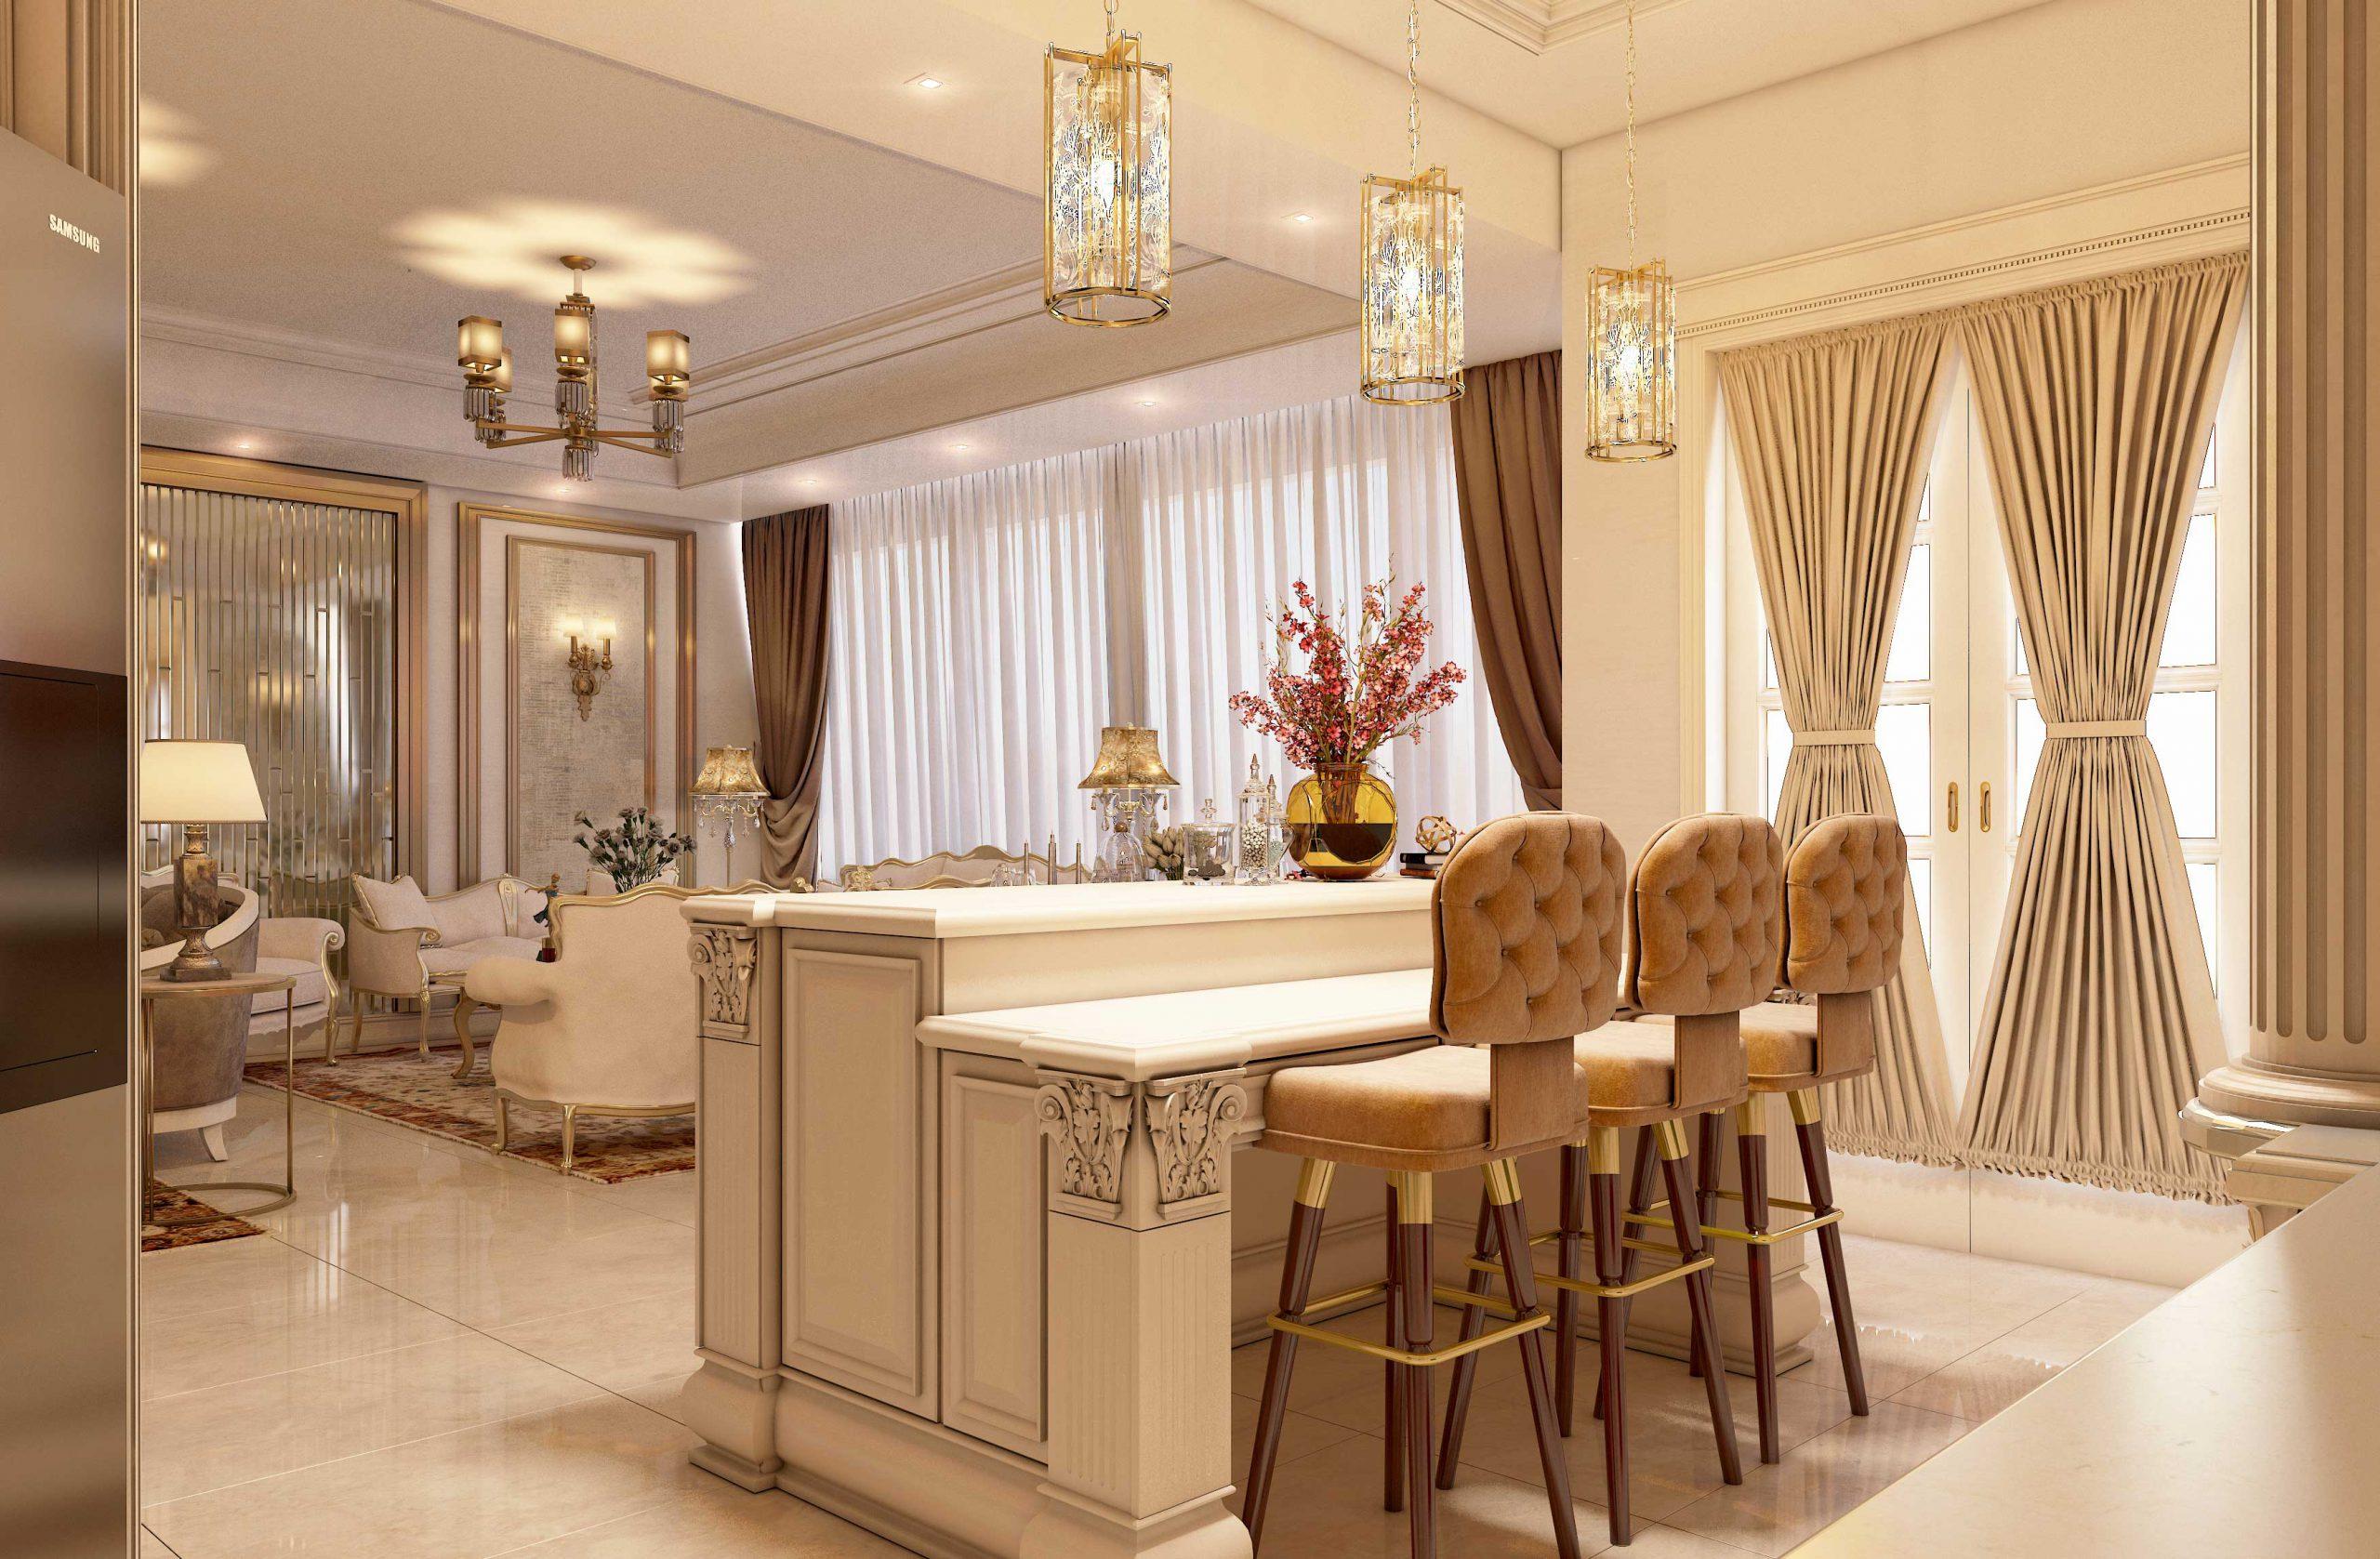 طراحی آشپزخانه کلاسیک گروه معماری سعیدیان